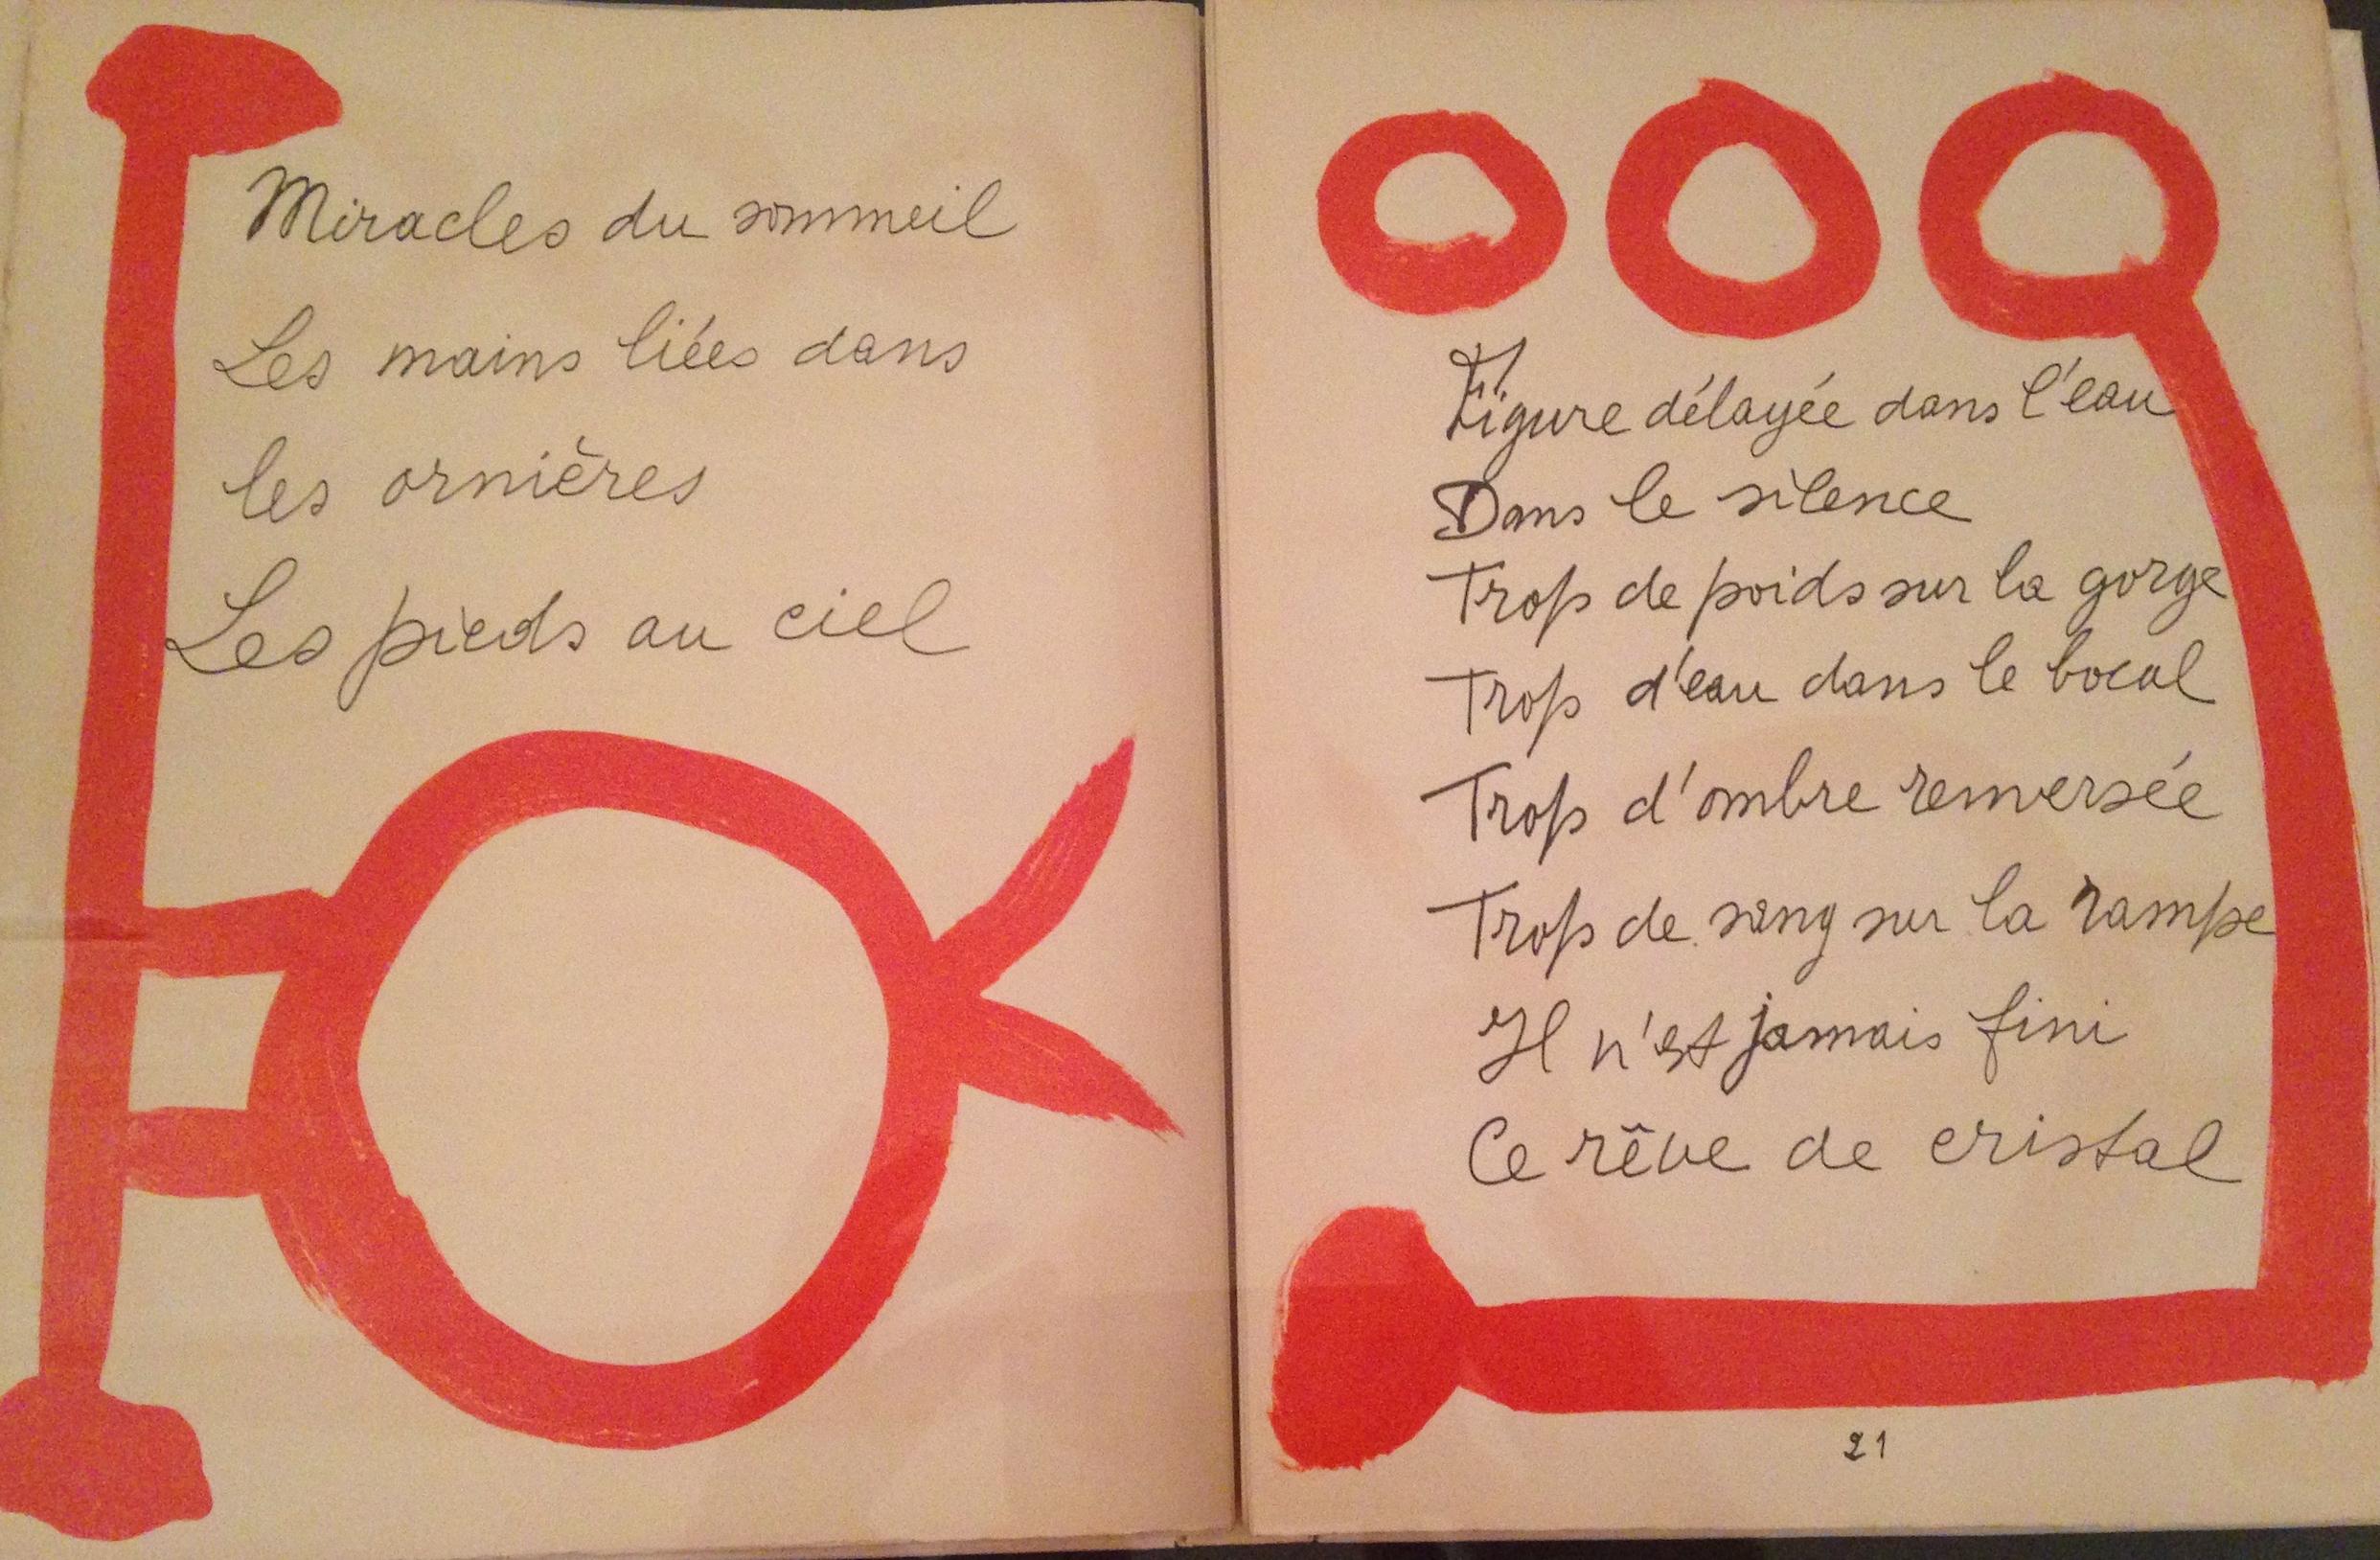 Picasso's artist book Les Chants des morts, 1948.